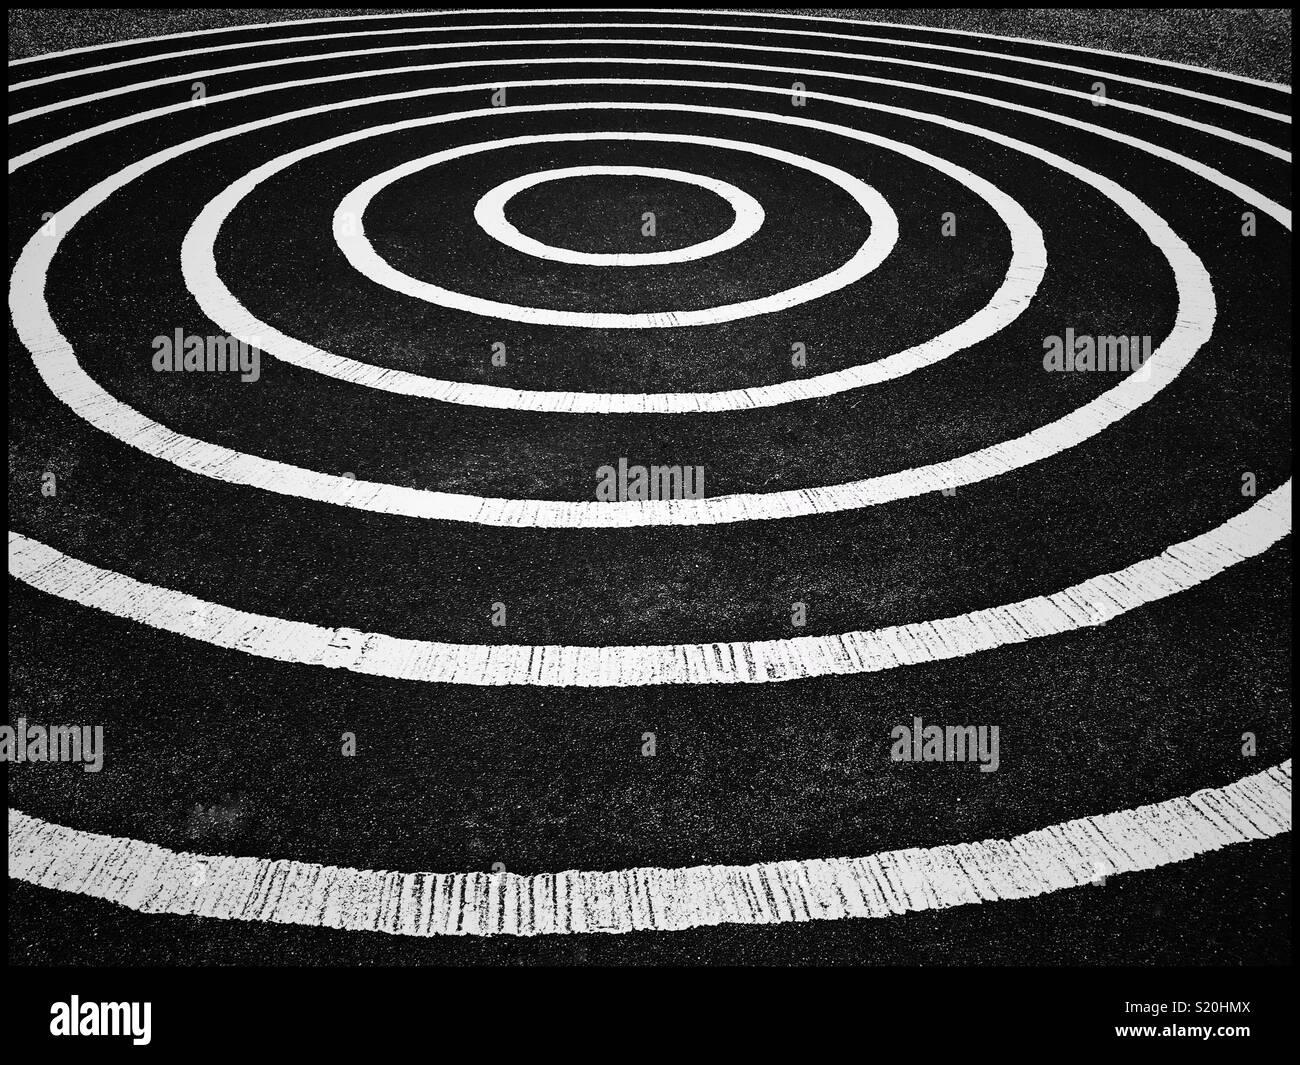 Círculos concéntricos blancas forman un patrón interesante. Ir mirando esta imagen y estarás dando vueltas en círculos. Crédito de la Foto: © COLIN HOSKINS. Imagen De Stock